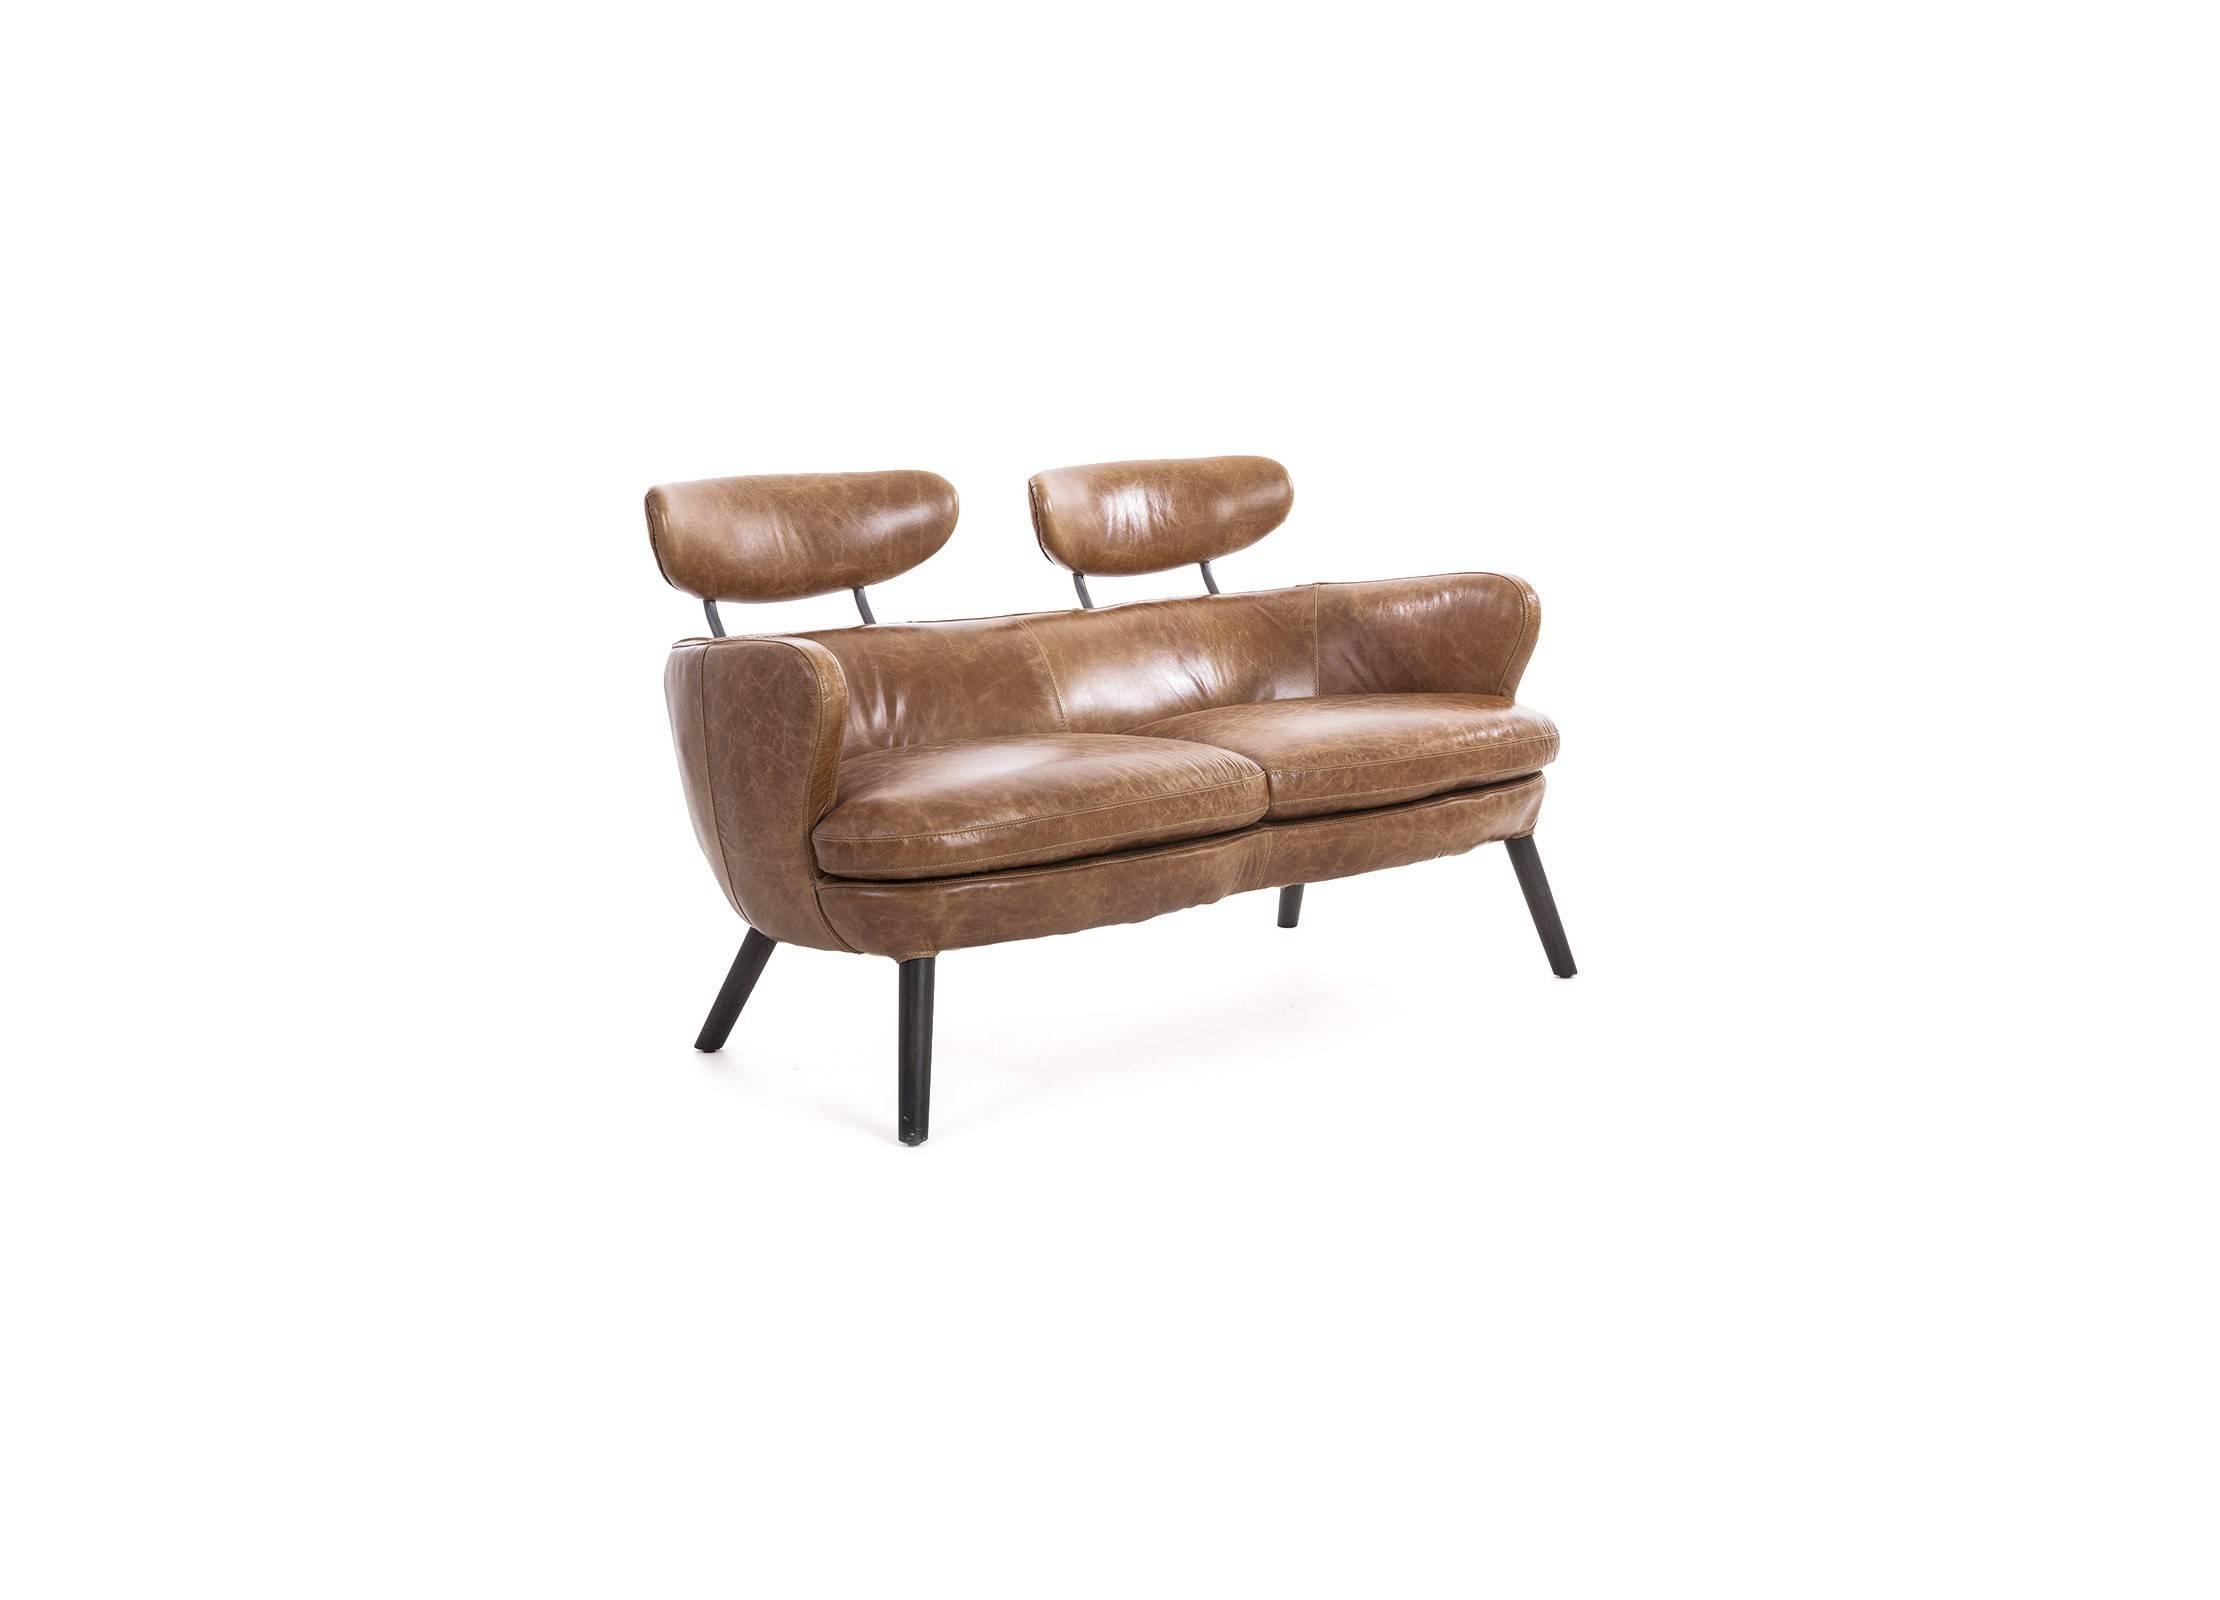 canapé cuir marron pleine fleur 2 places, structure bois et métal